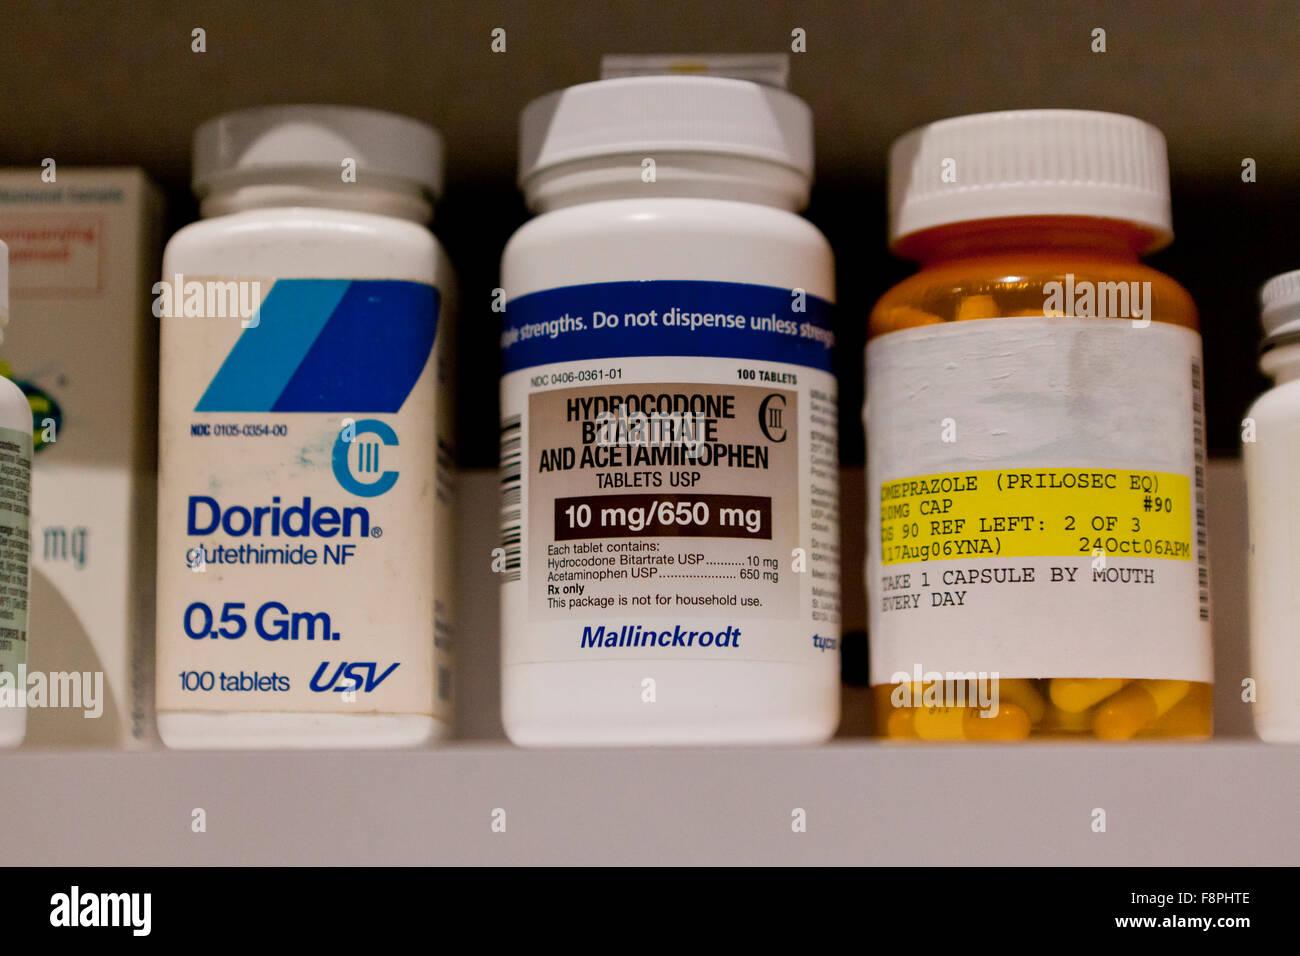 Addictive prescription medicine bottles (Doriden, Hydrocodone, Omeprazole )  - USA - Stock Image